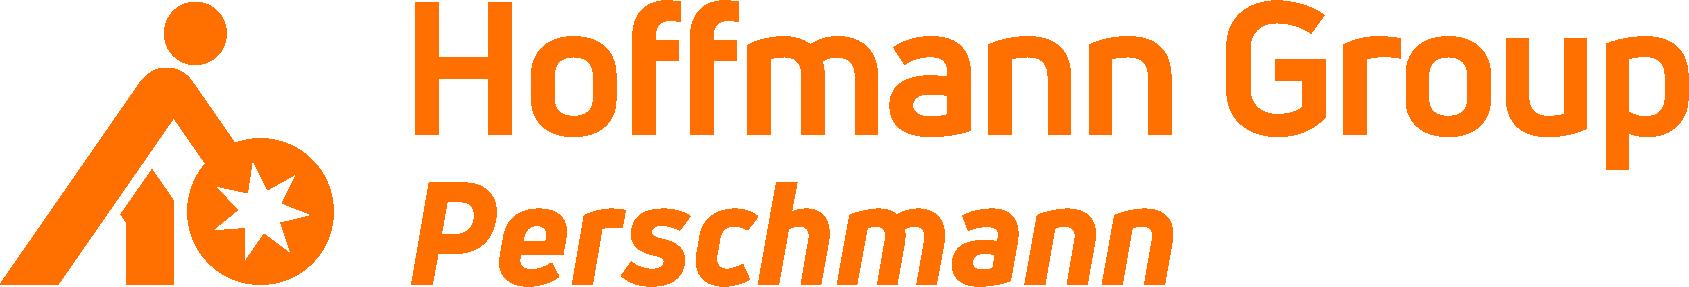 Hoffmann Group Perschmann